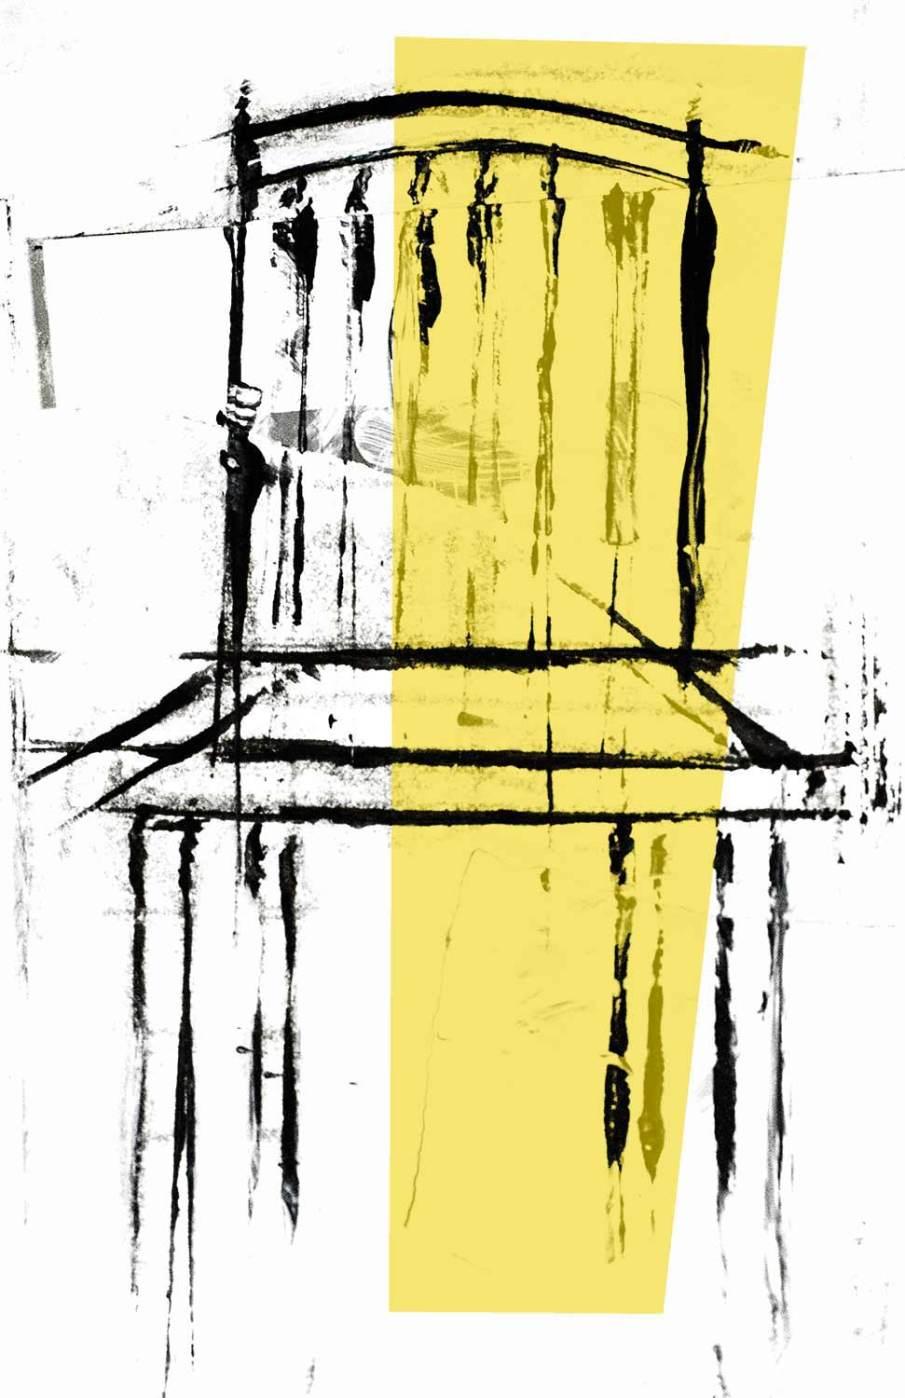 chair-1-6-19-WEB-2